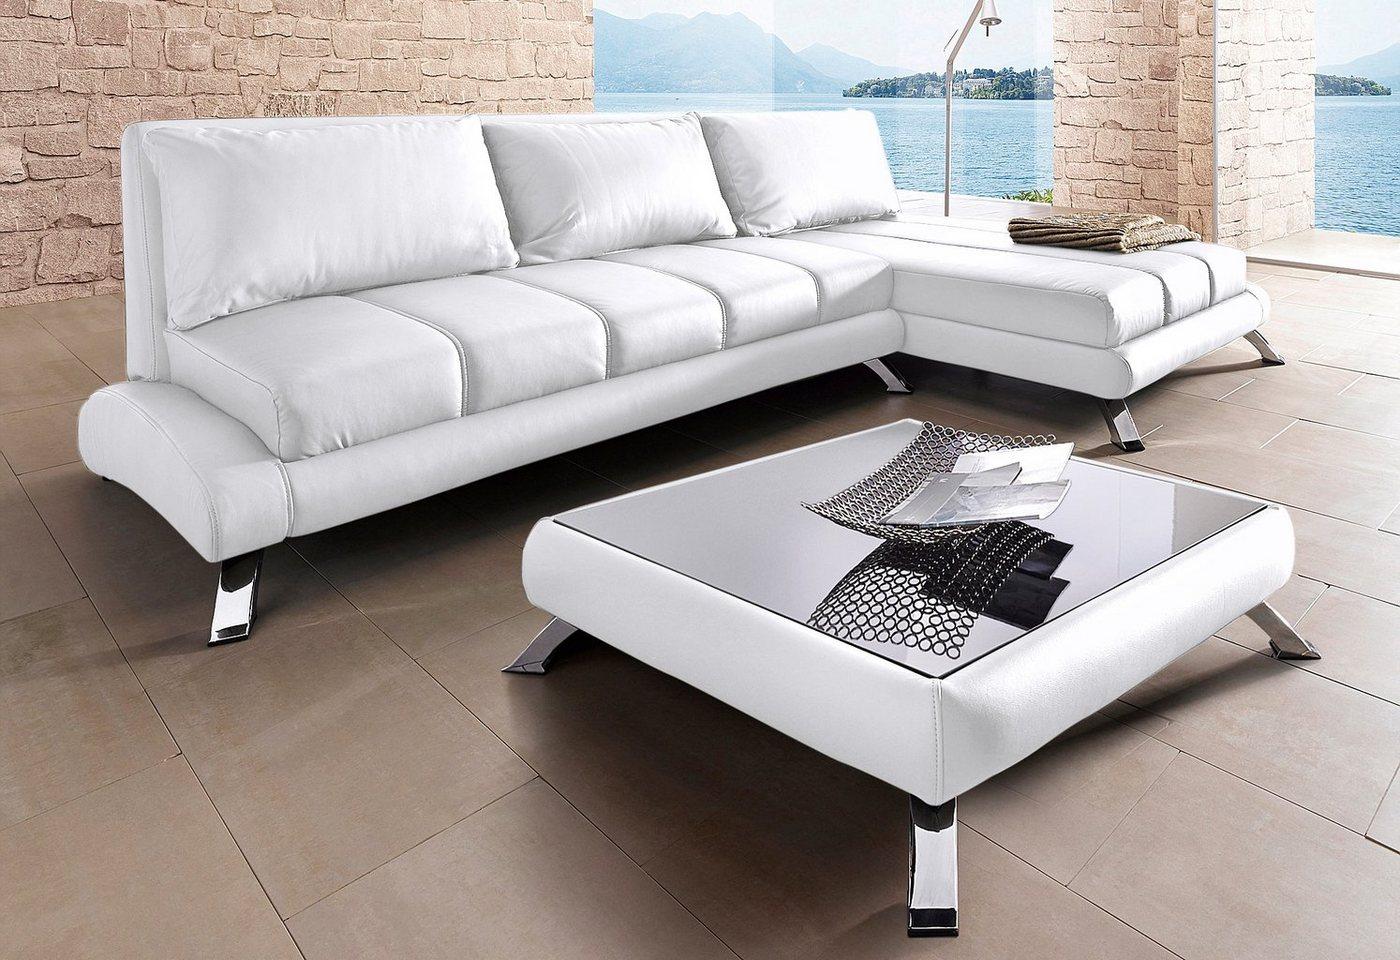 Hoekbank in lounge-stijl